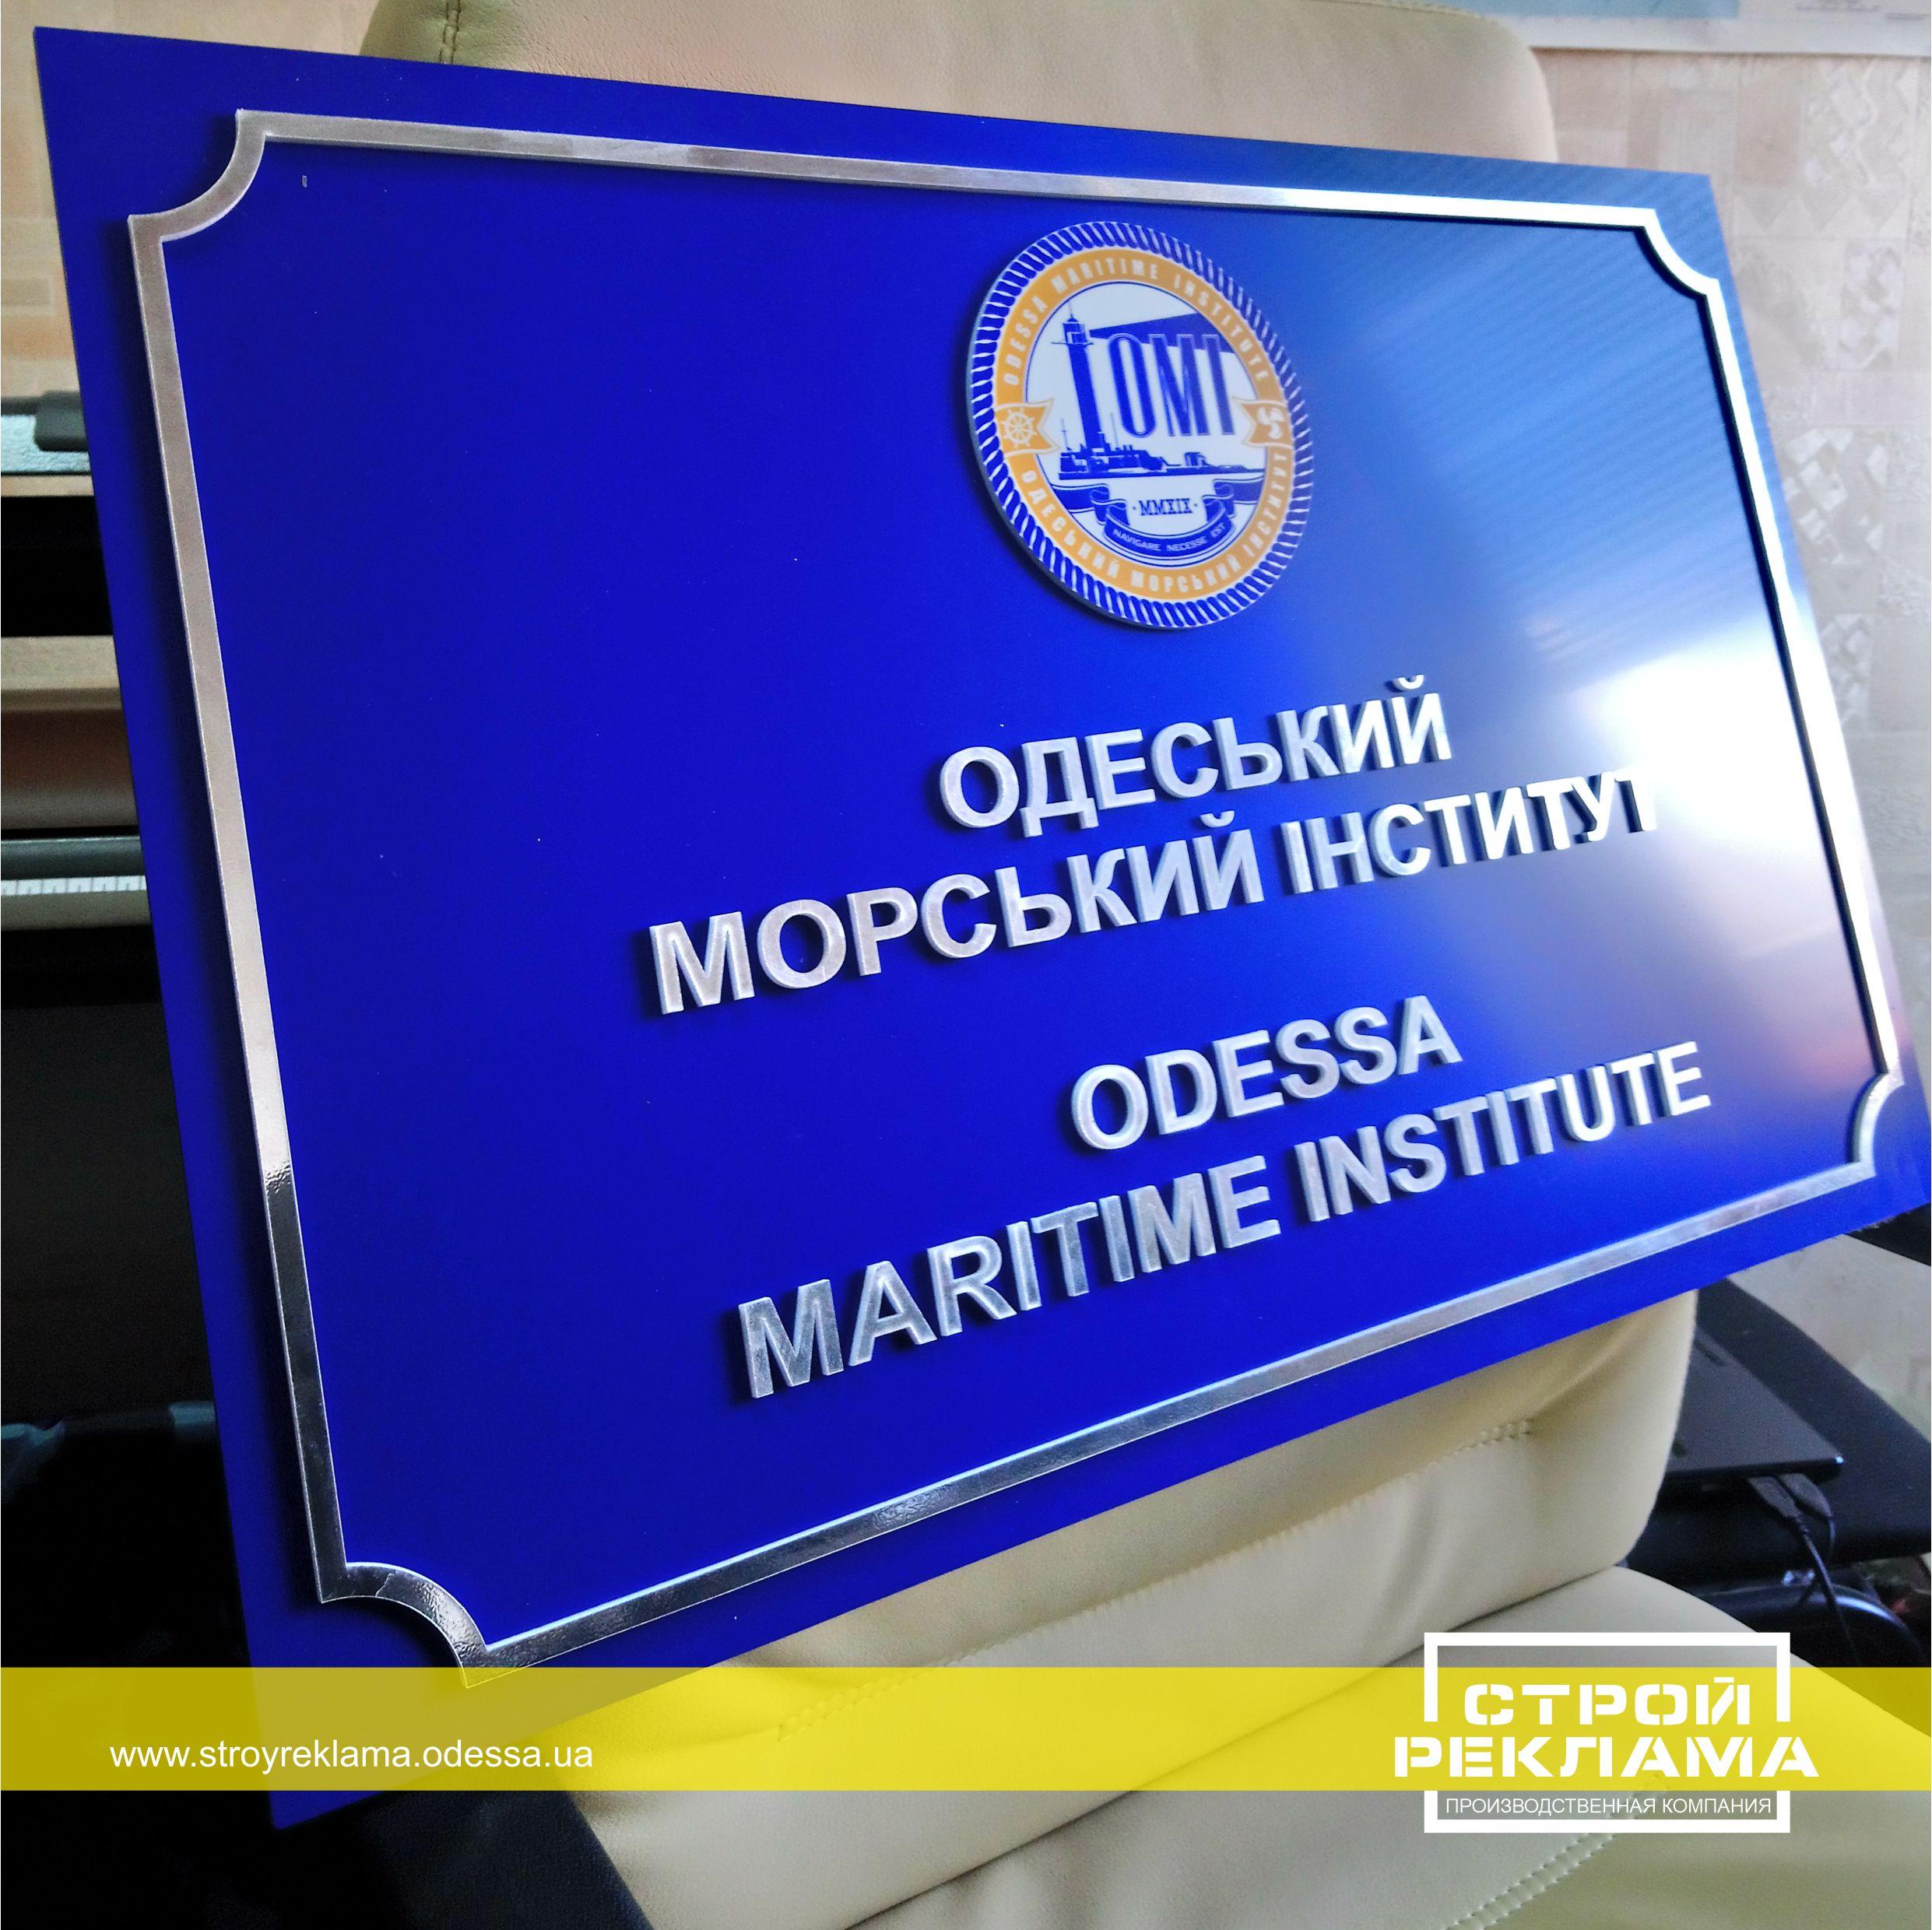 Табличка для морского института